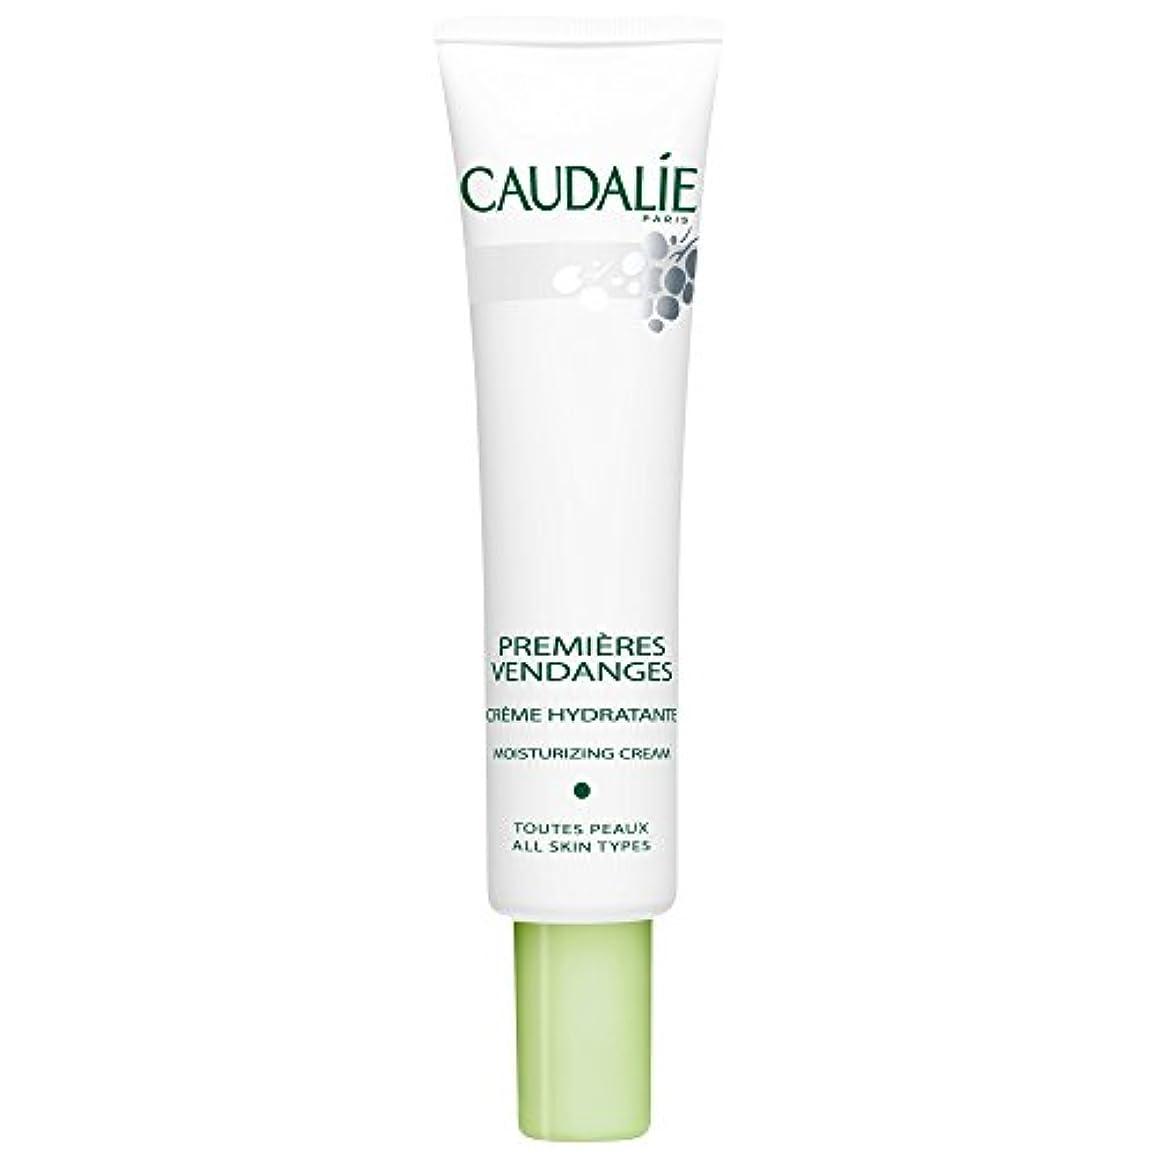 適性それに応じて規定コーダリーはVendages保湿クリーム、40ミリリットルを初演します (Caudalie) (x6) - Caudalie Premieres Vendages Moisturising Cream, 40ml (Pack...